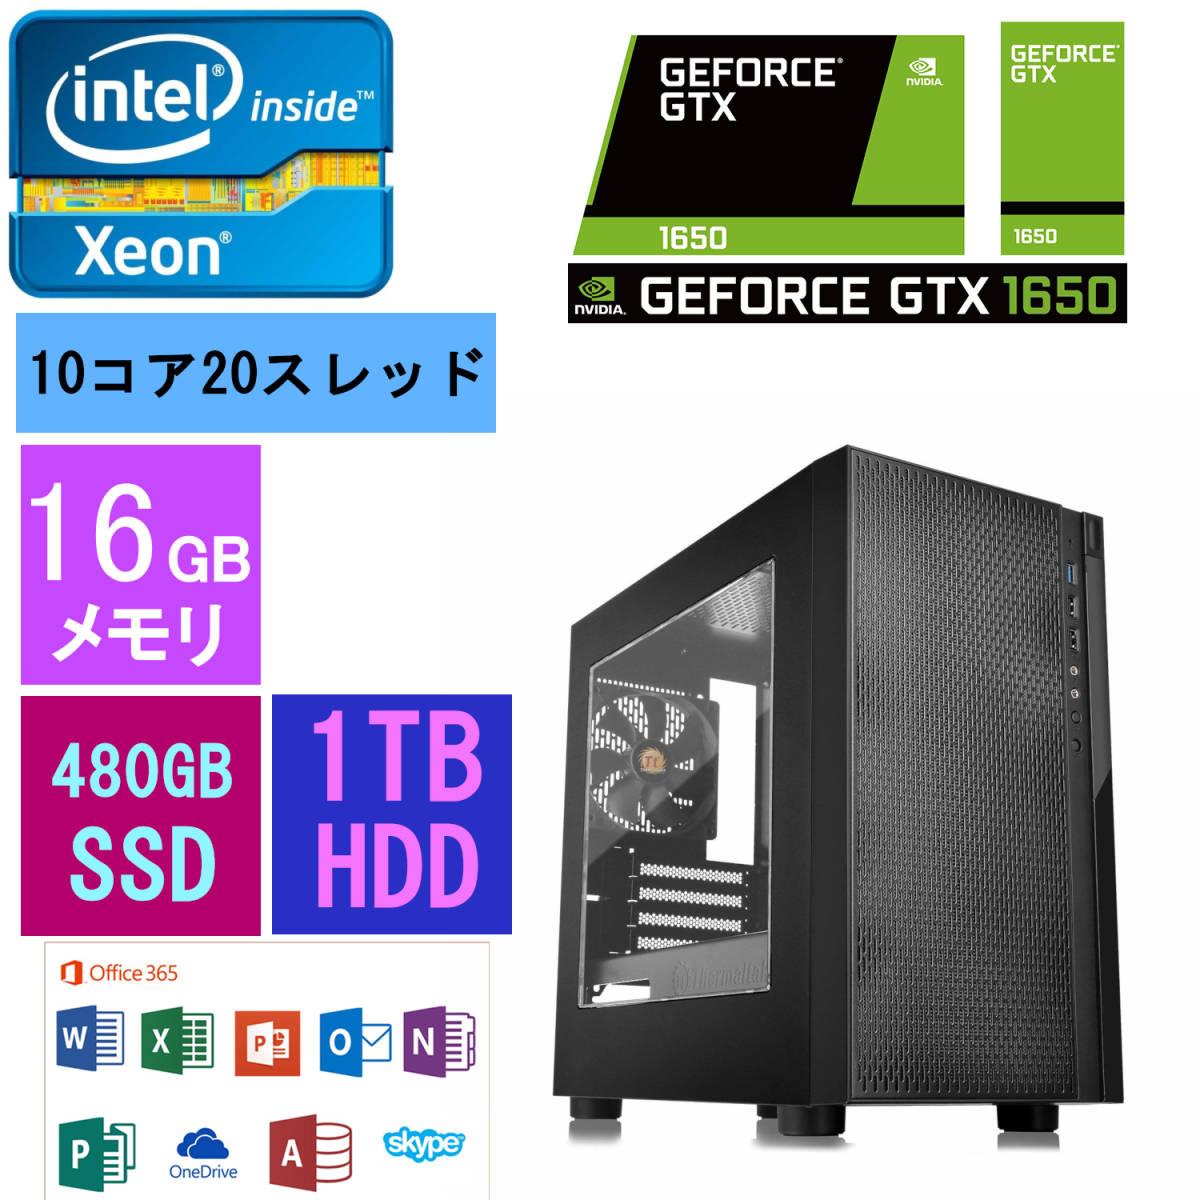 1円スタート!ゲーミングPC/クリエーター/Xeon E5(10C20T)/最新GTX1650/16GBメモリ/480GB SSD/1TB HDD/win10pro(認証)/office